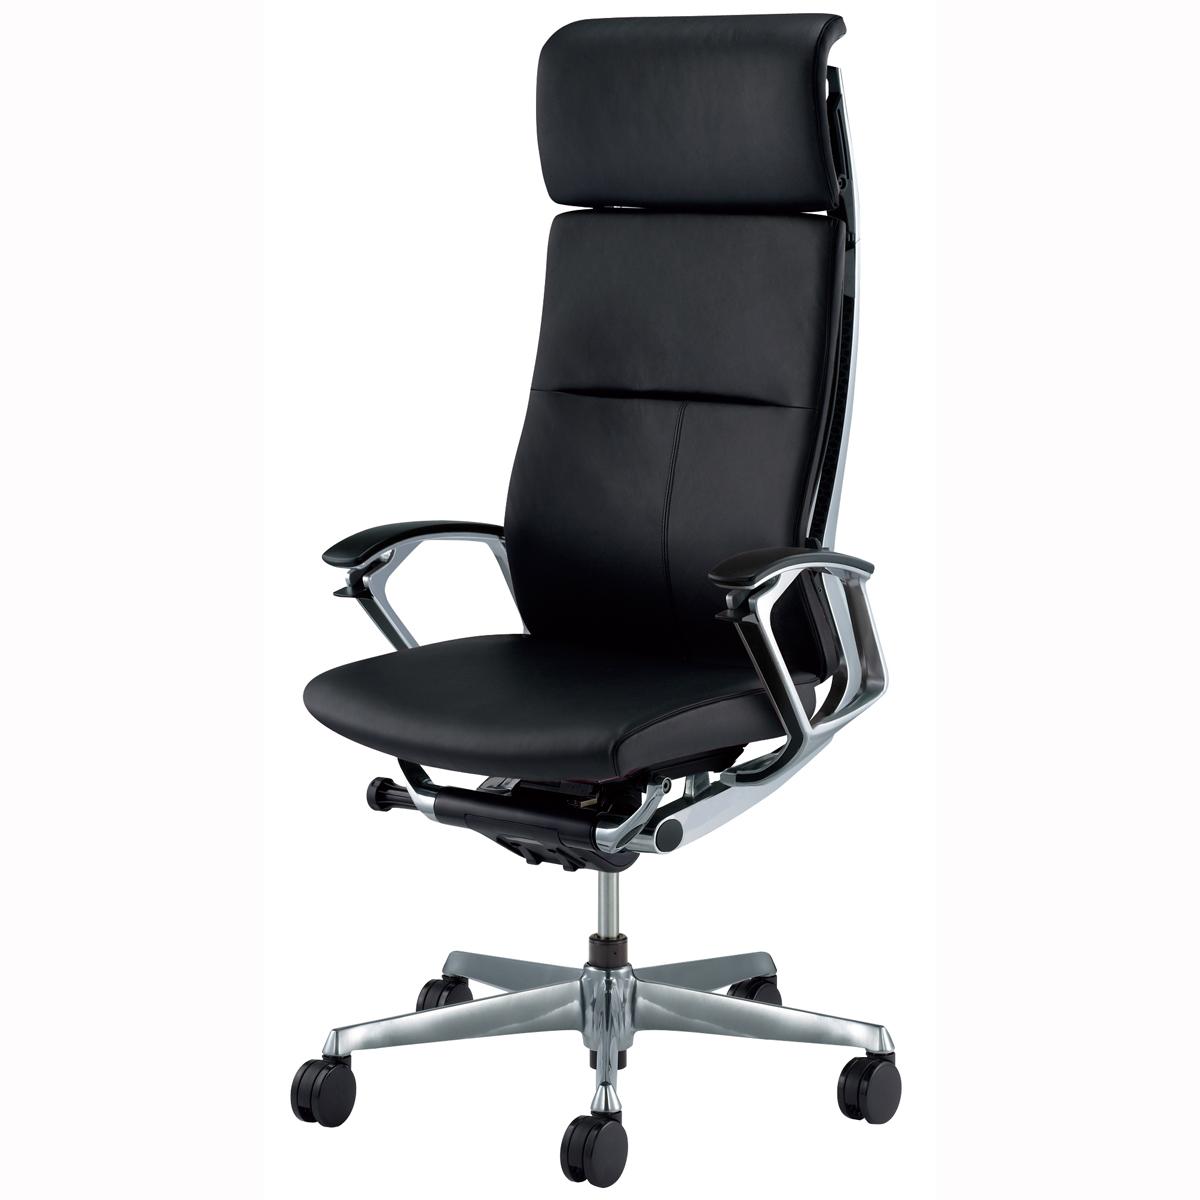 オカムラ オフィスチェア デューク エクストラハイバック ポリッシュフレーム 本革 ブラック CZ87ZX-P676